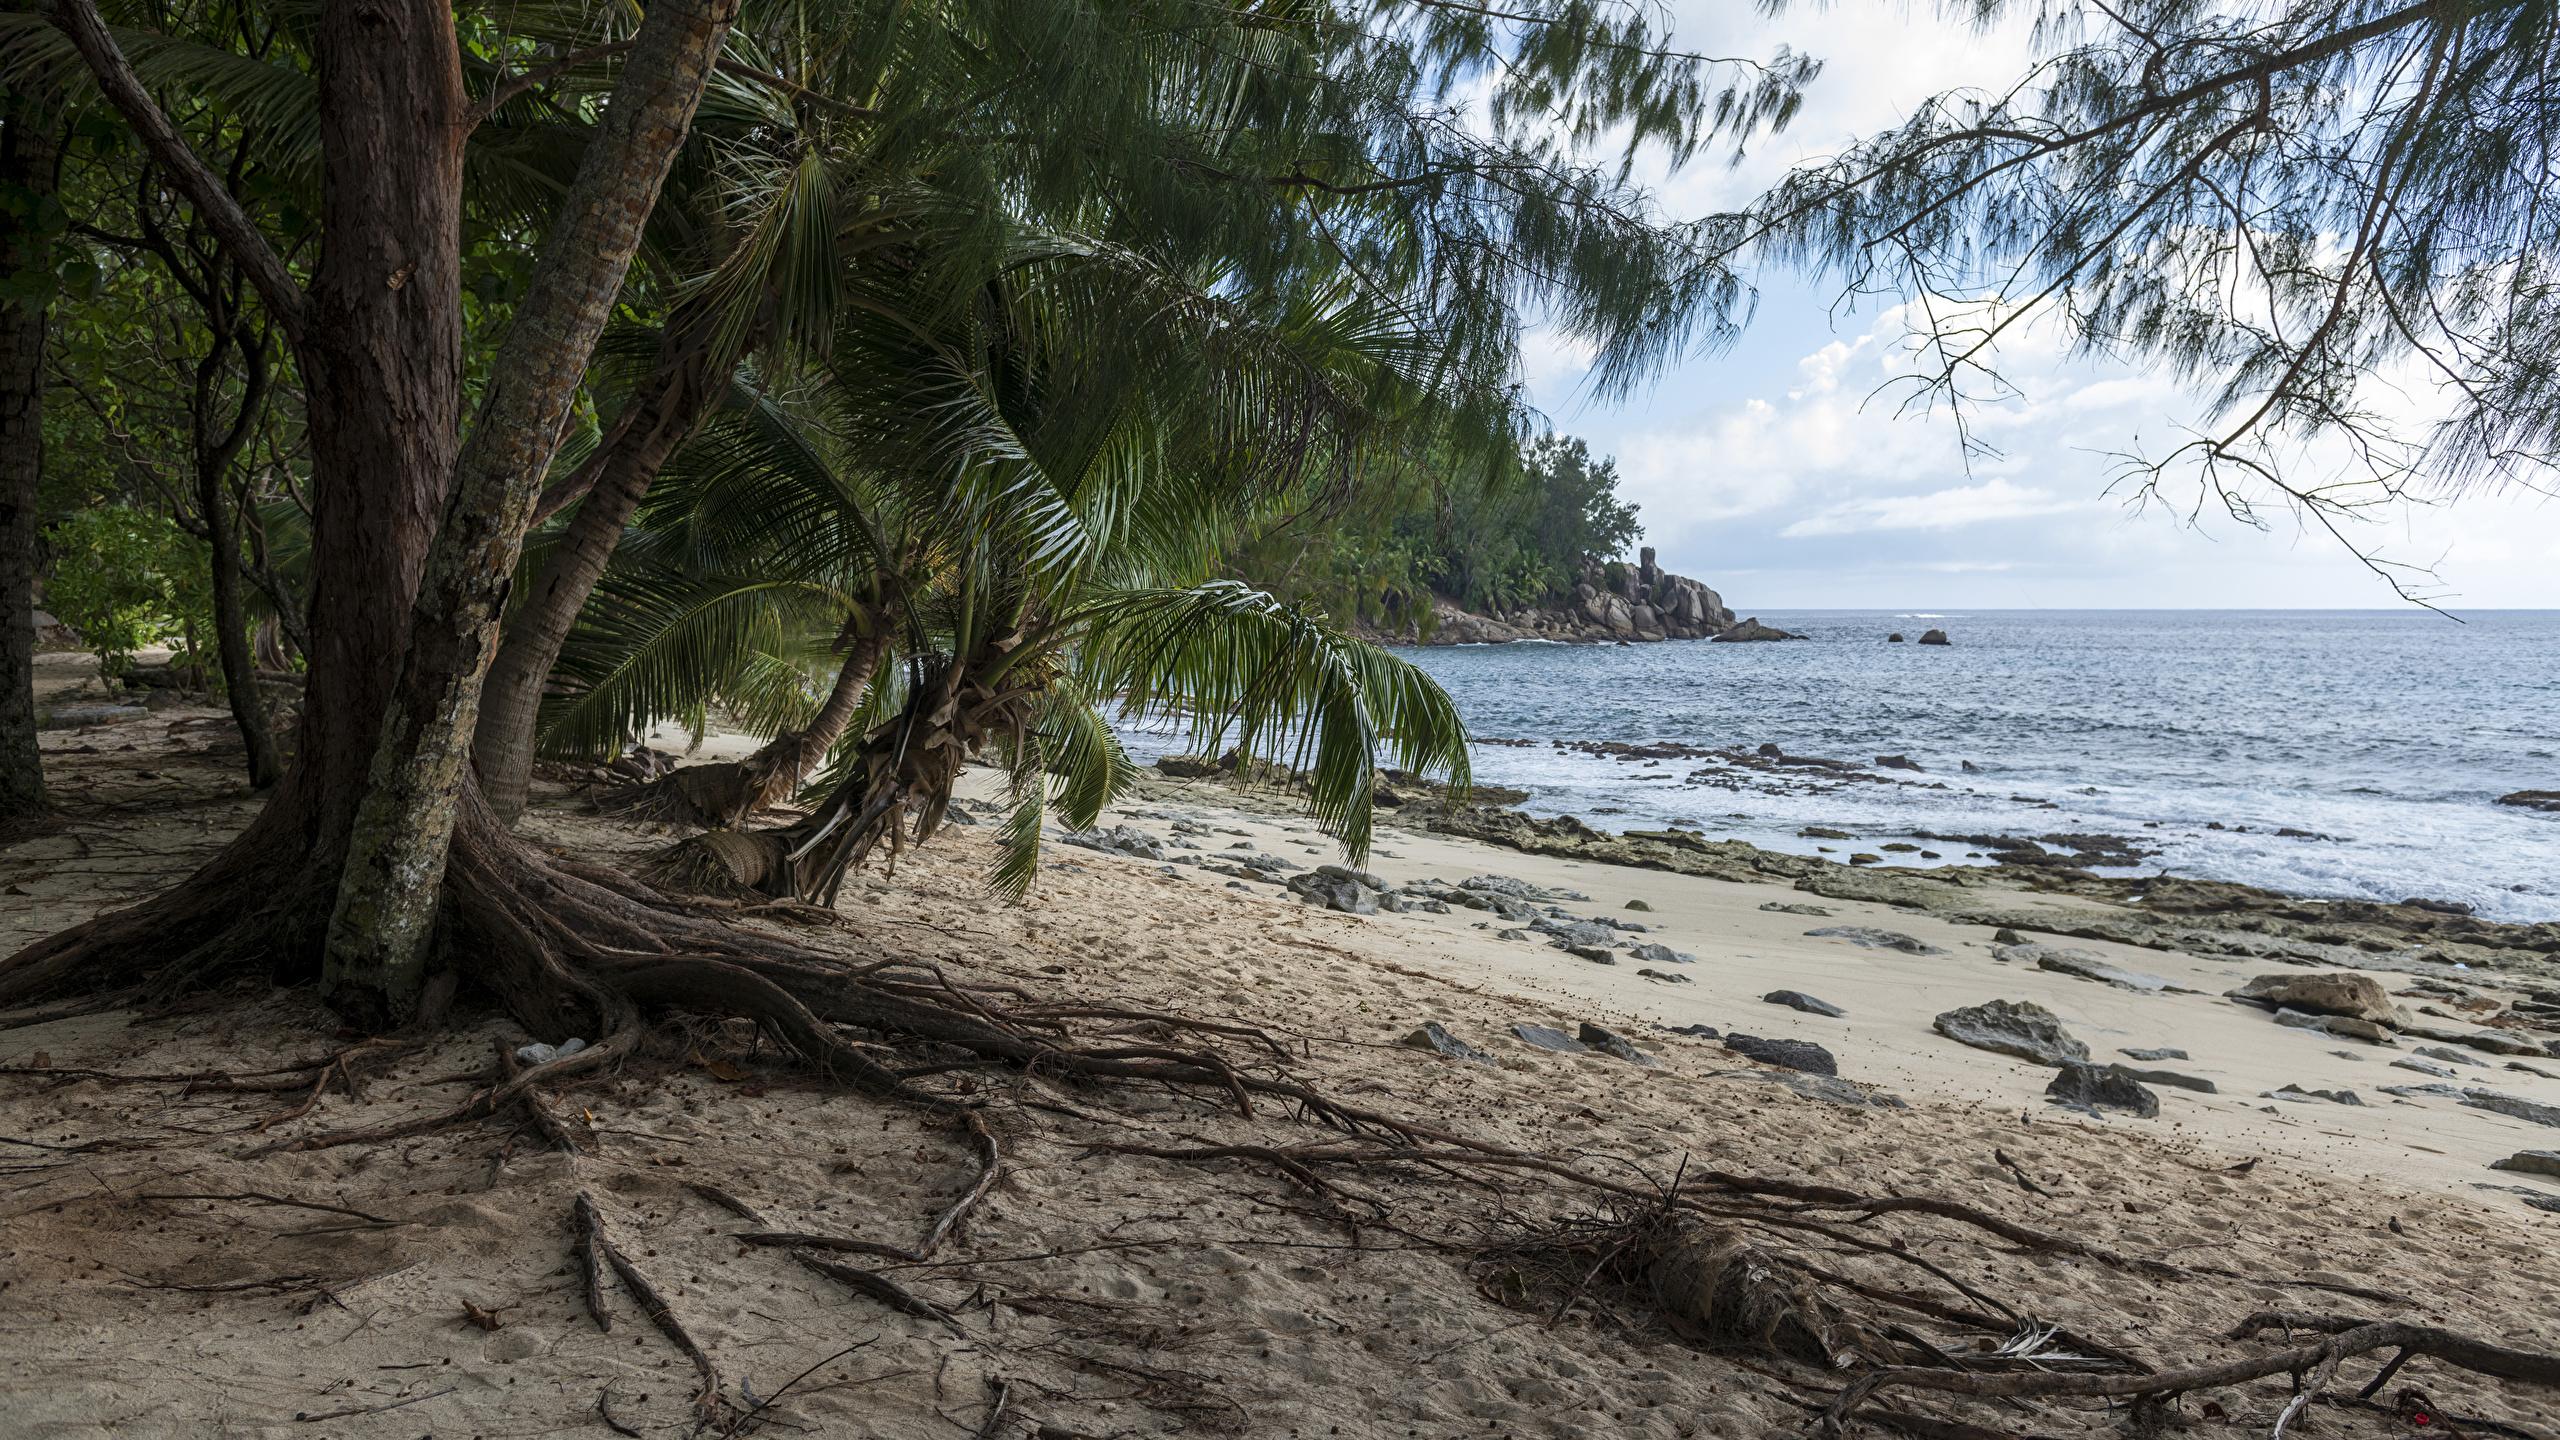 Картинка Police Beach Seychelles пляже Природа пальма тропический берег 2560x1440 Пляж пляжи пляжа пальм Пальмы Тропики Побережье